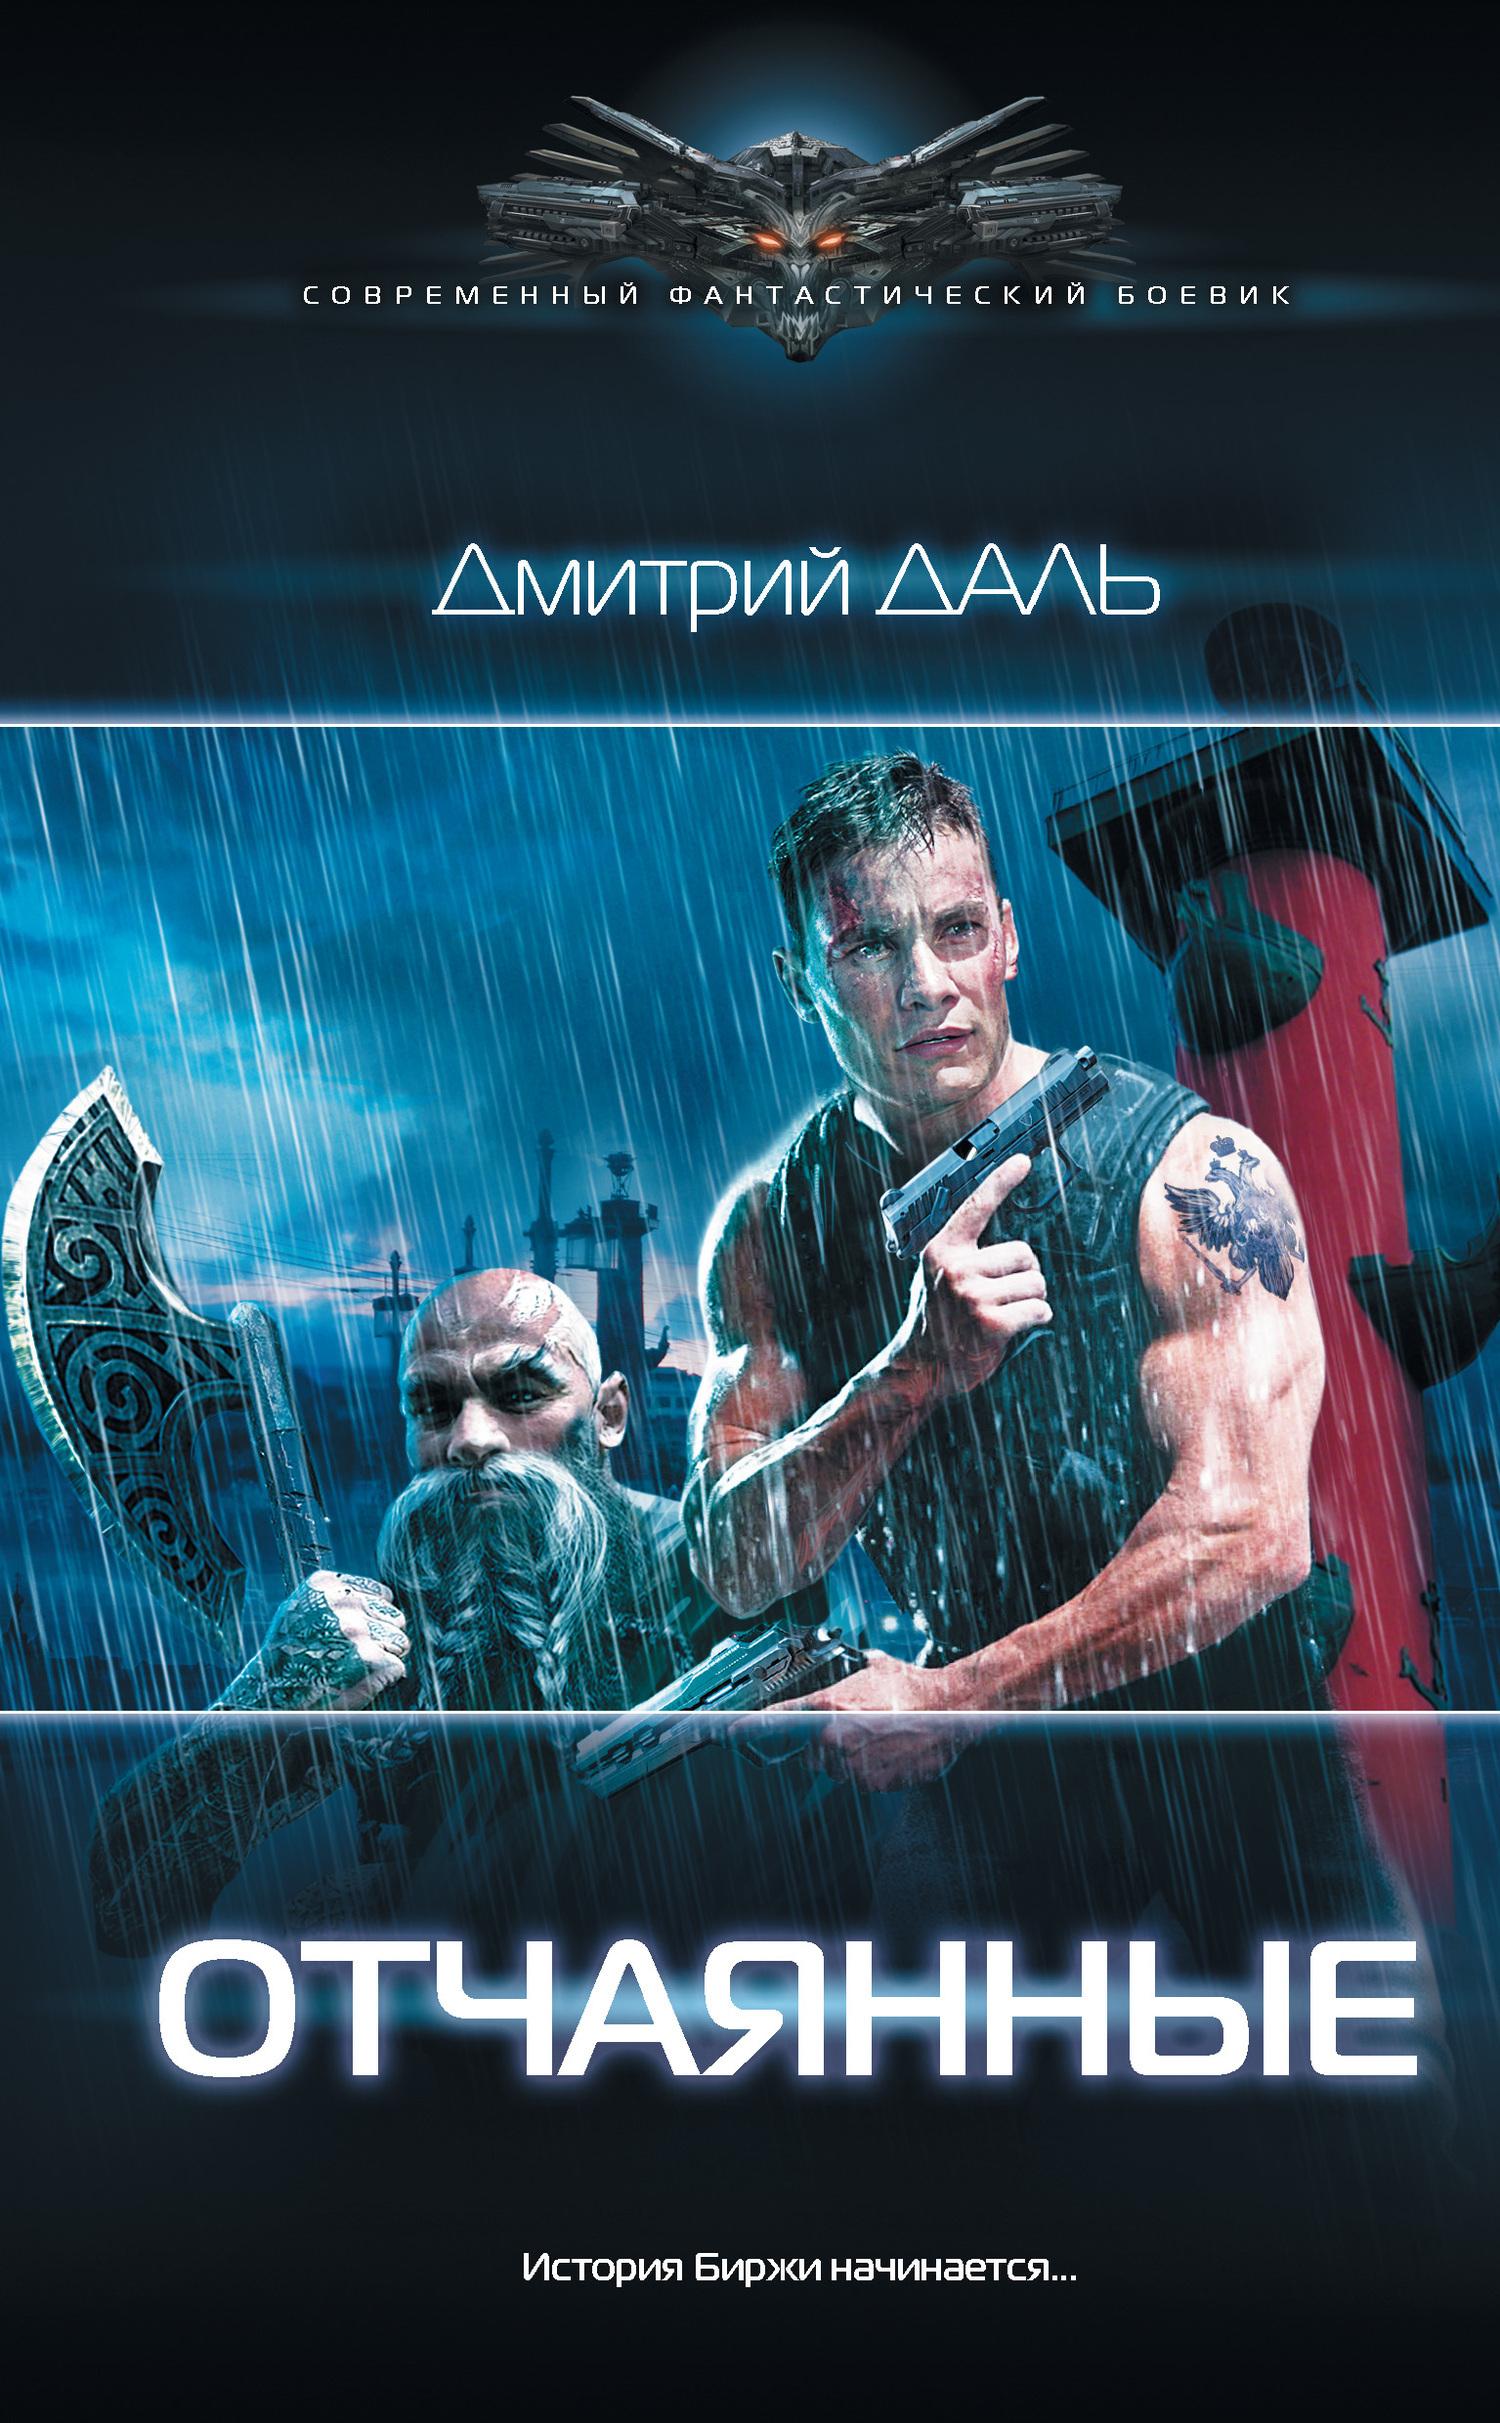 Дмитрий Даль - Отчаянные